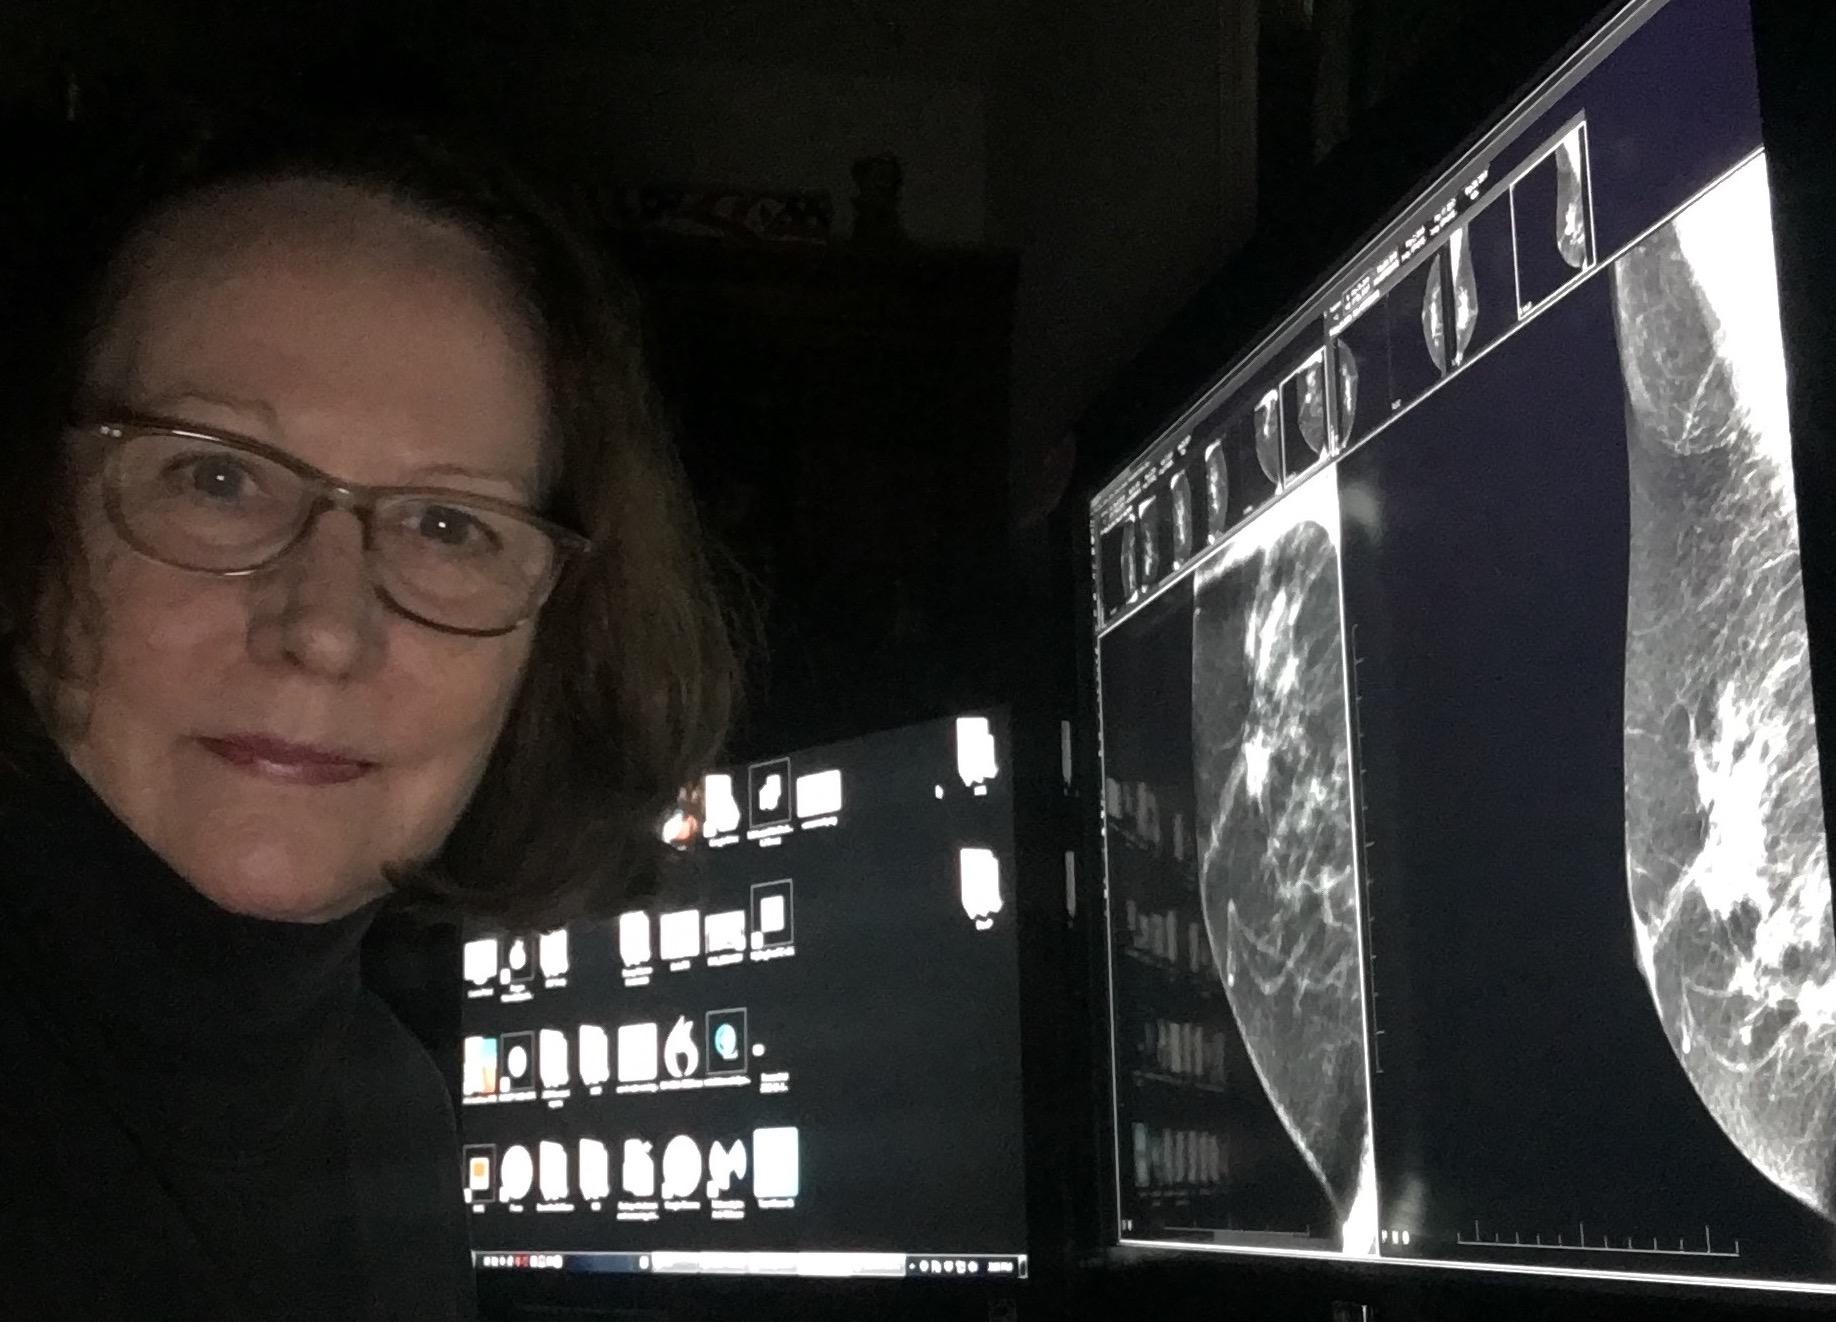 Radiologist_Spotlight_Sisney.JPG